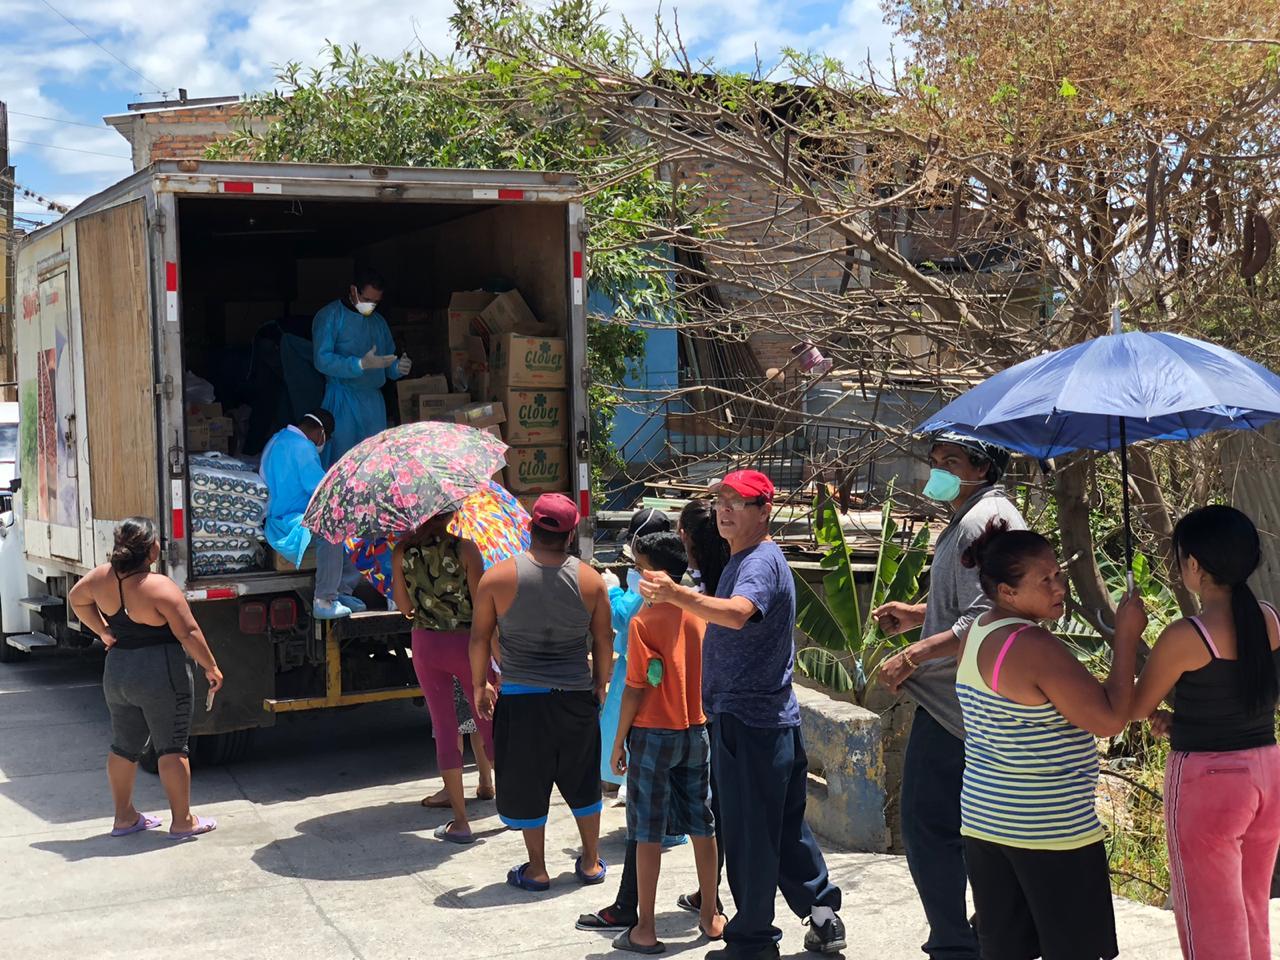 Banasupro manda a estas cuatro rutas las unidades móviles para abastecer de alimentos a la población